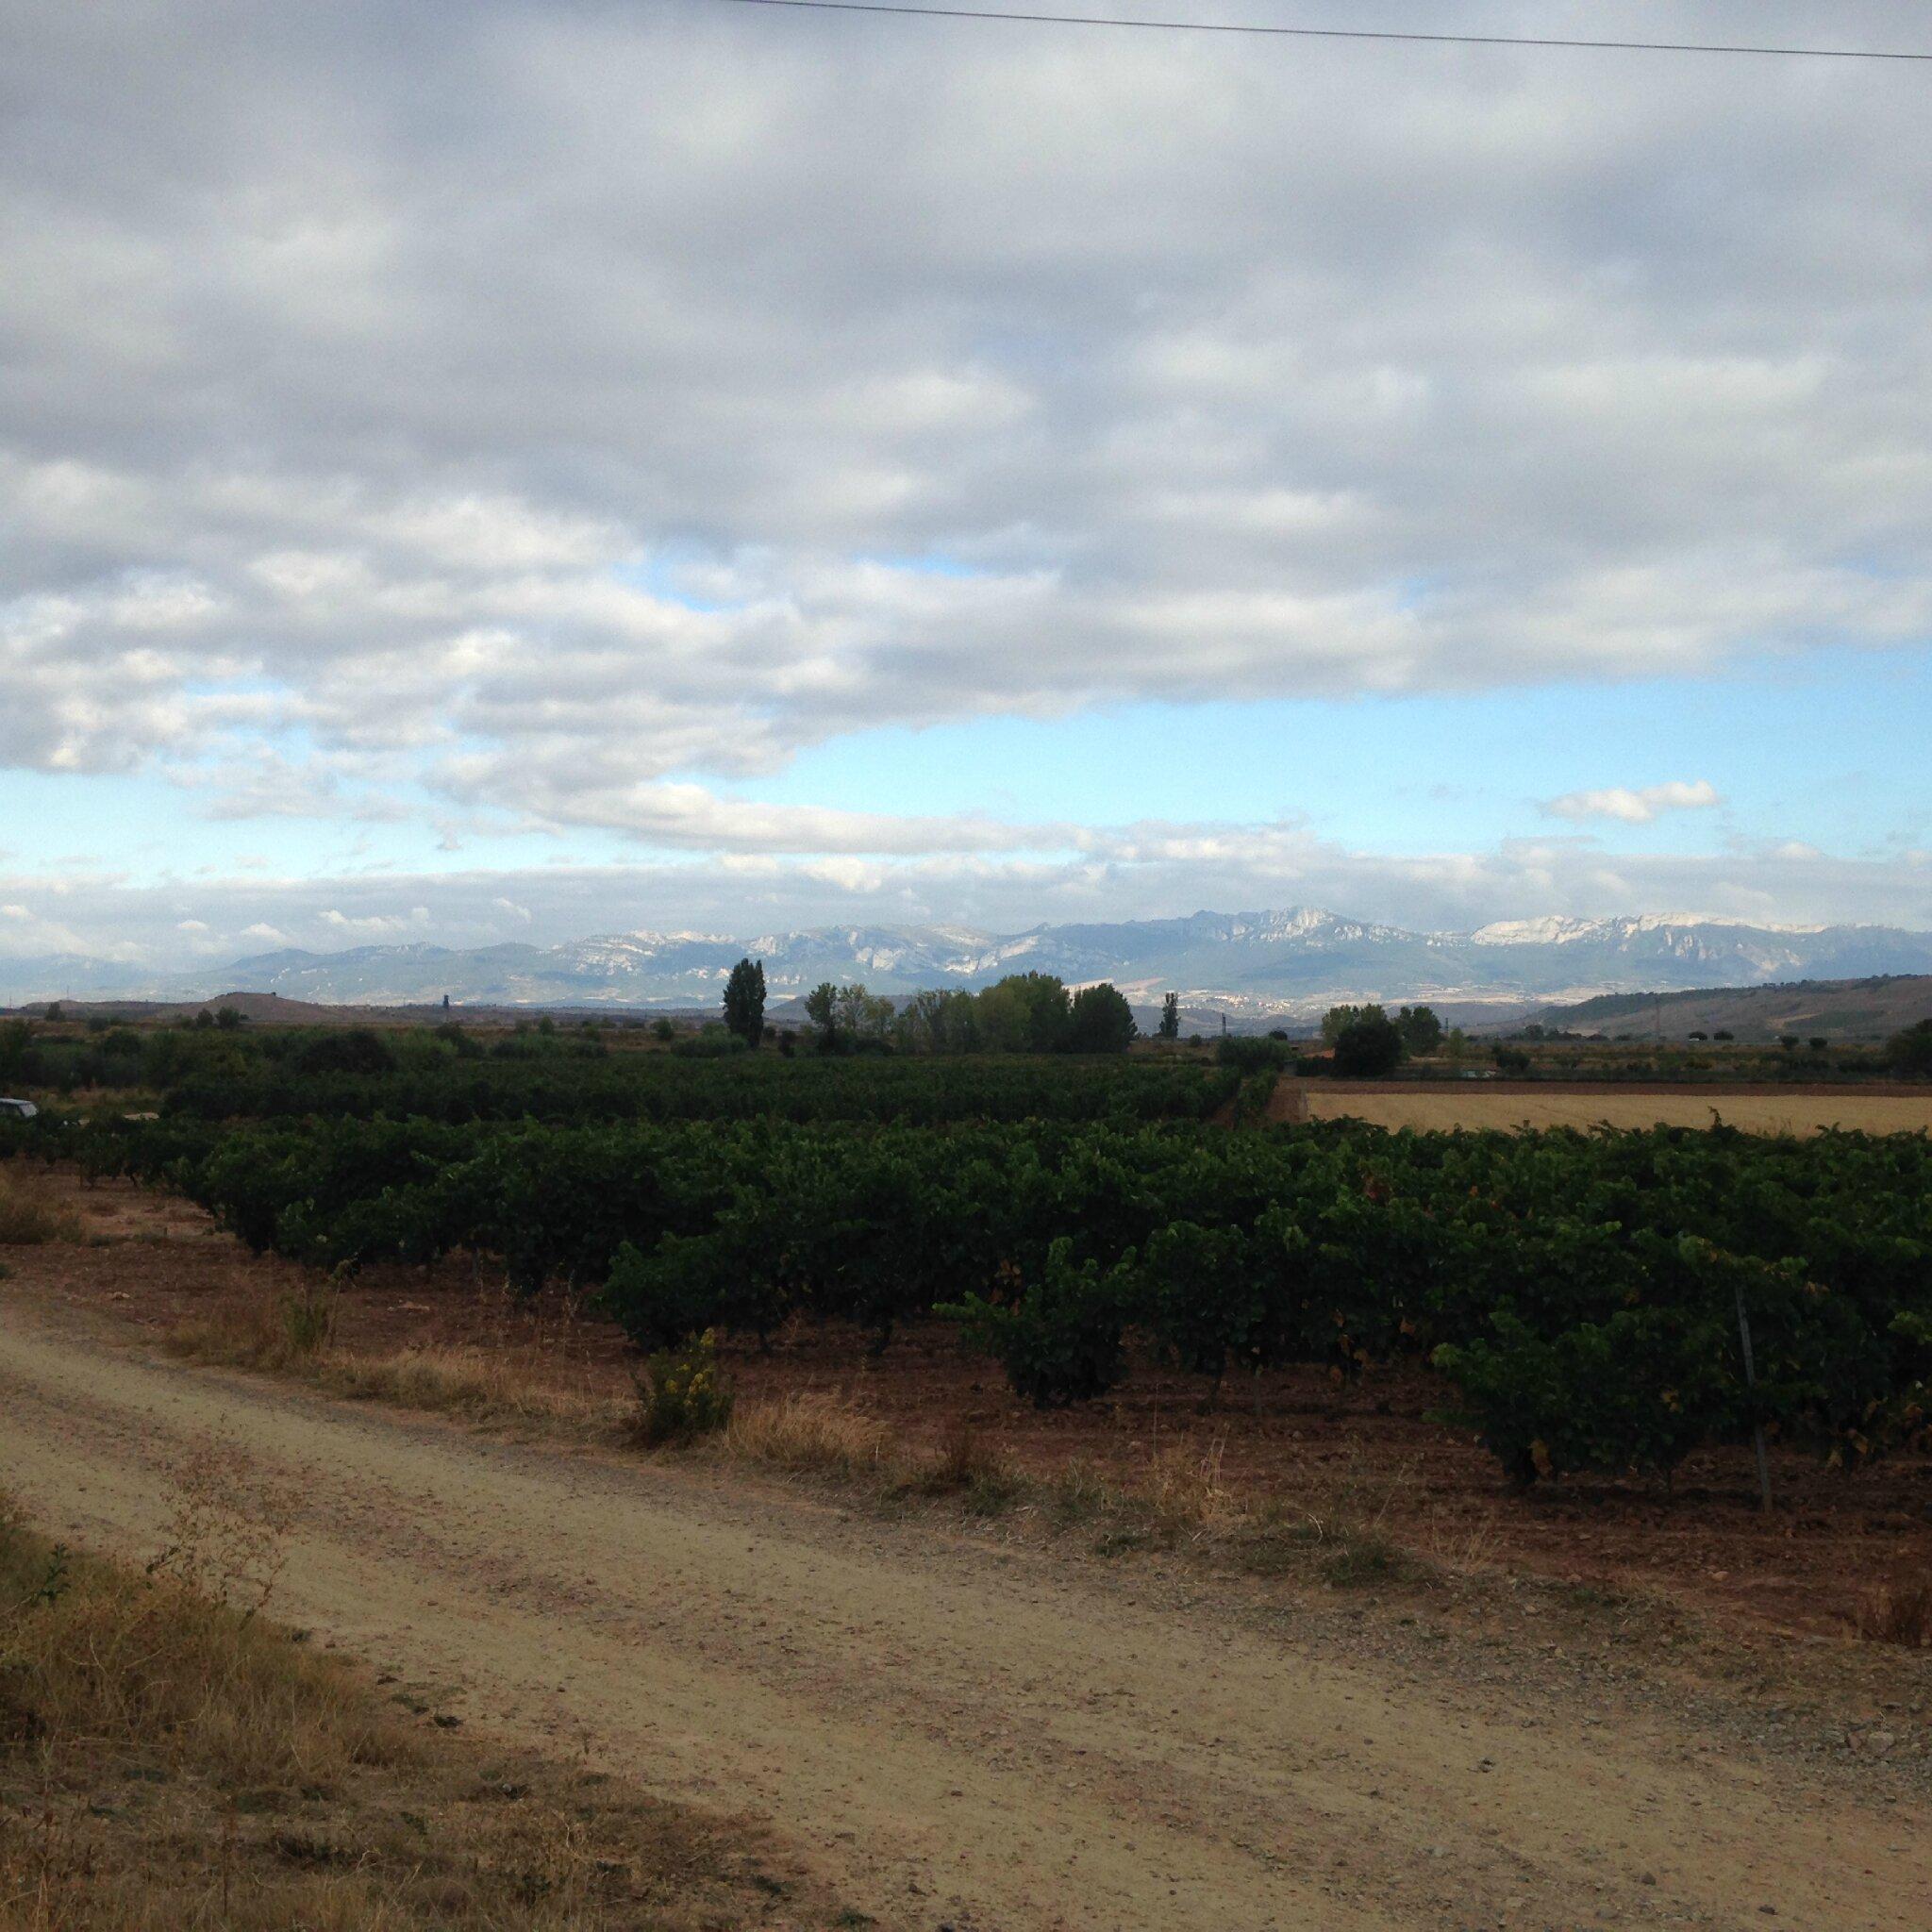 5ème tronçon : 7ème étape de Logrono à Najera 28 kms